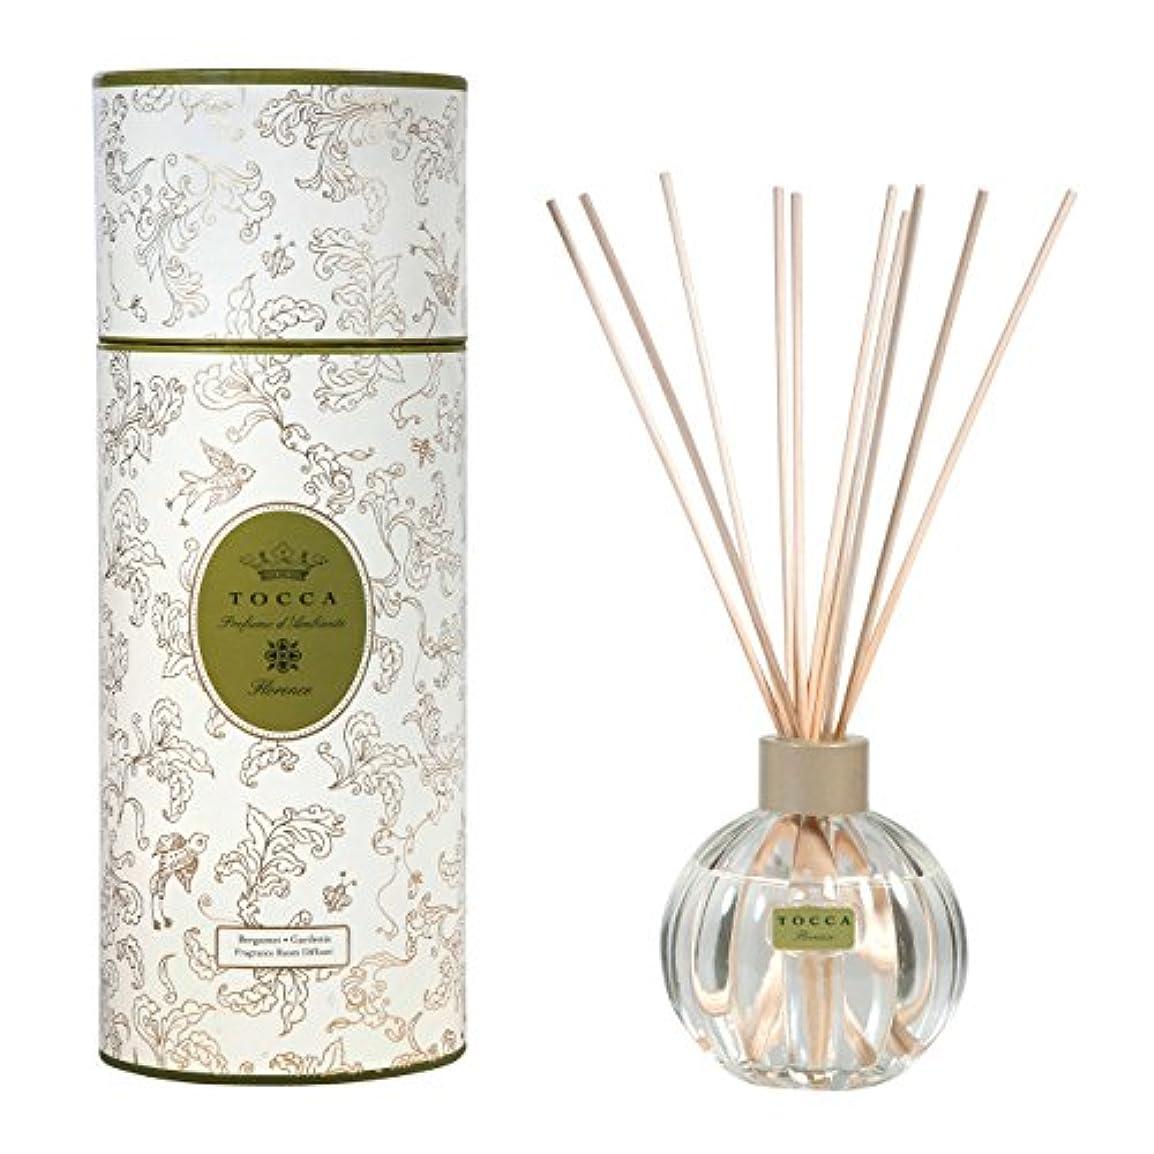 然としたバトル顕著トッカ(TOCCA) リードディフューザー フローレンスの香り 175ml 3~4ヶ月持続(芳香剤 ルームフレグランス ガーデニアとベルガモットが誘うように溶け合うどこまでも上品なフローラルの香り)